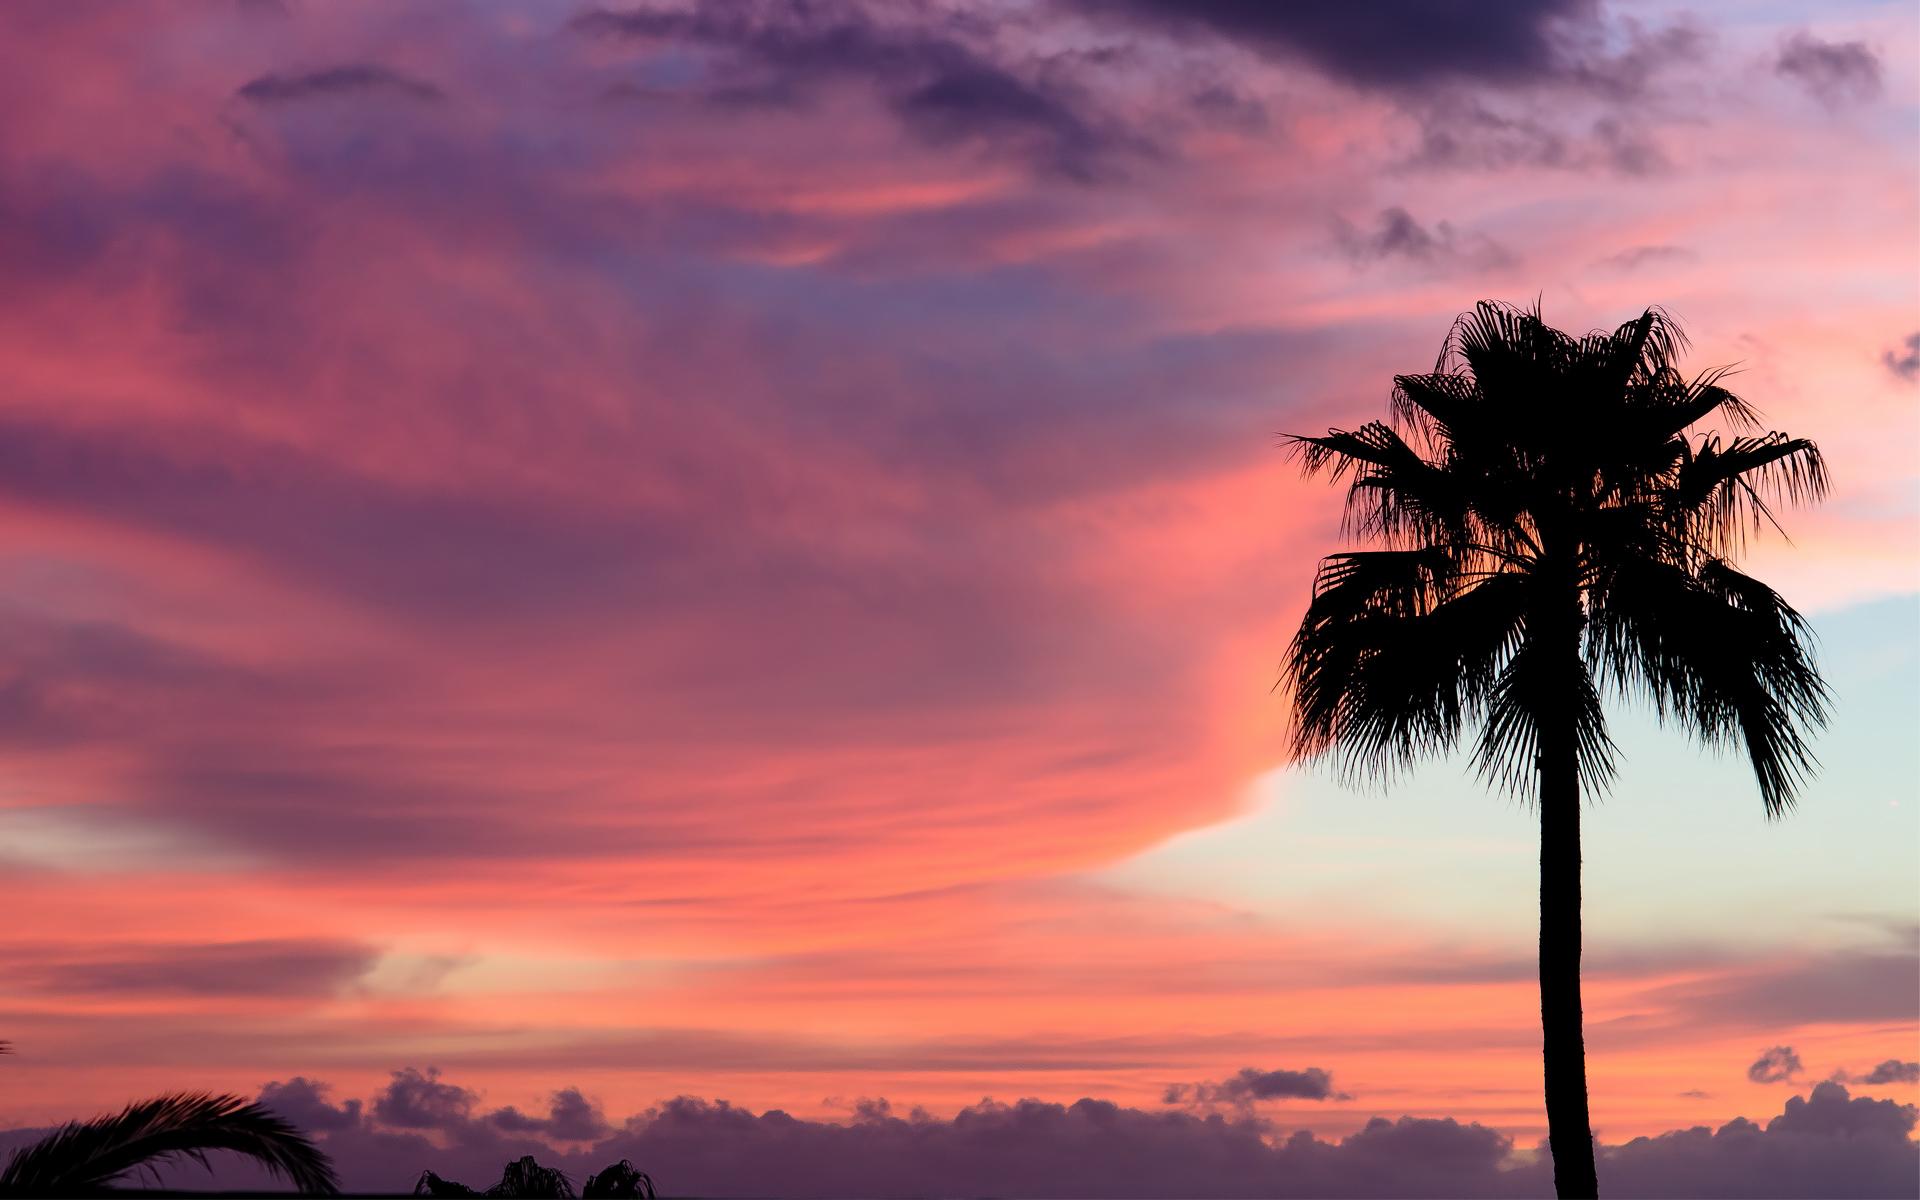 sunset wallpaper trees